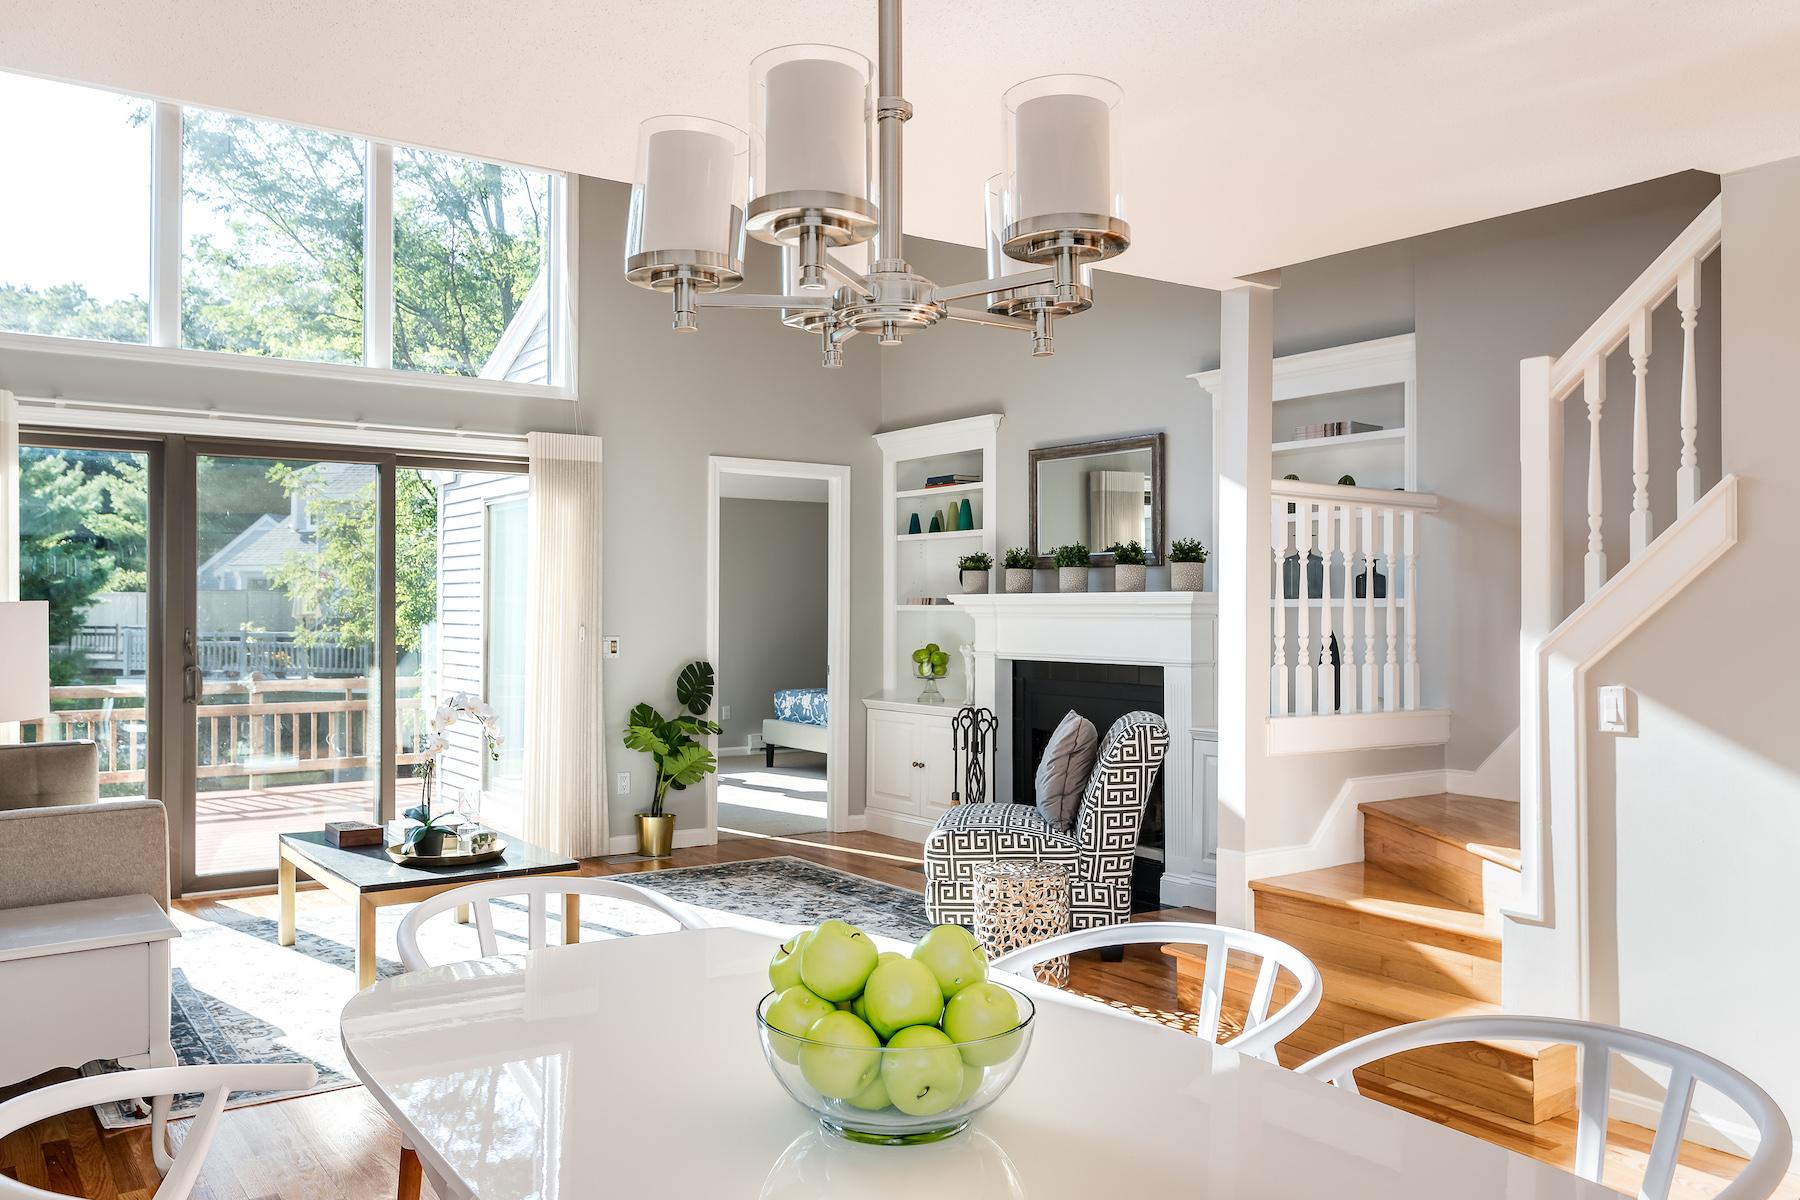 Condominiums 为 销售 在 38 Pickwick Way, Unit 38 38 Pickwick Way Unit 38 韦兰, 马萨诸塞州 01778 美国